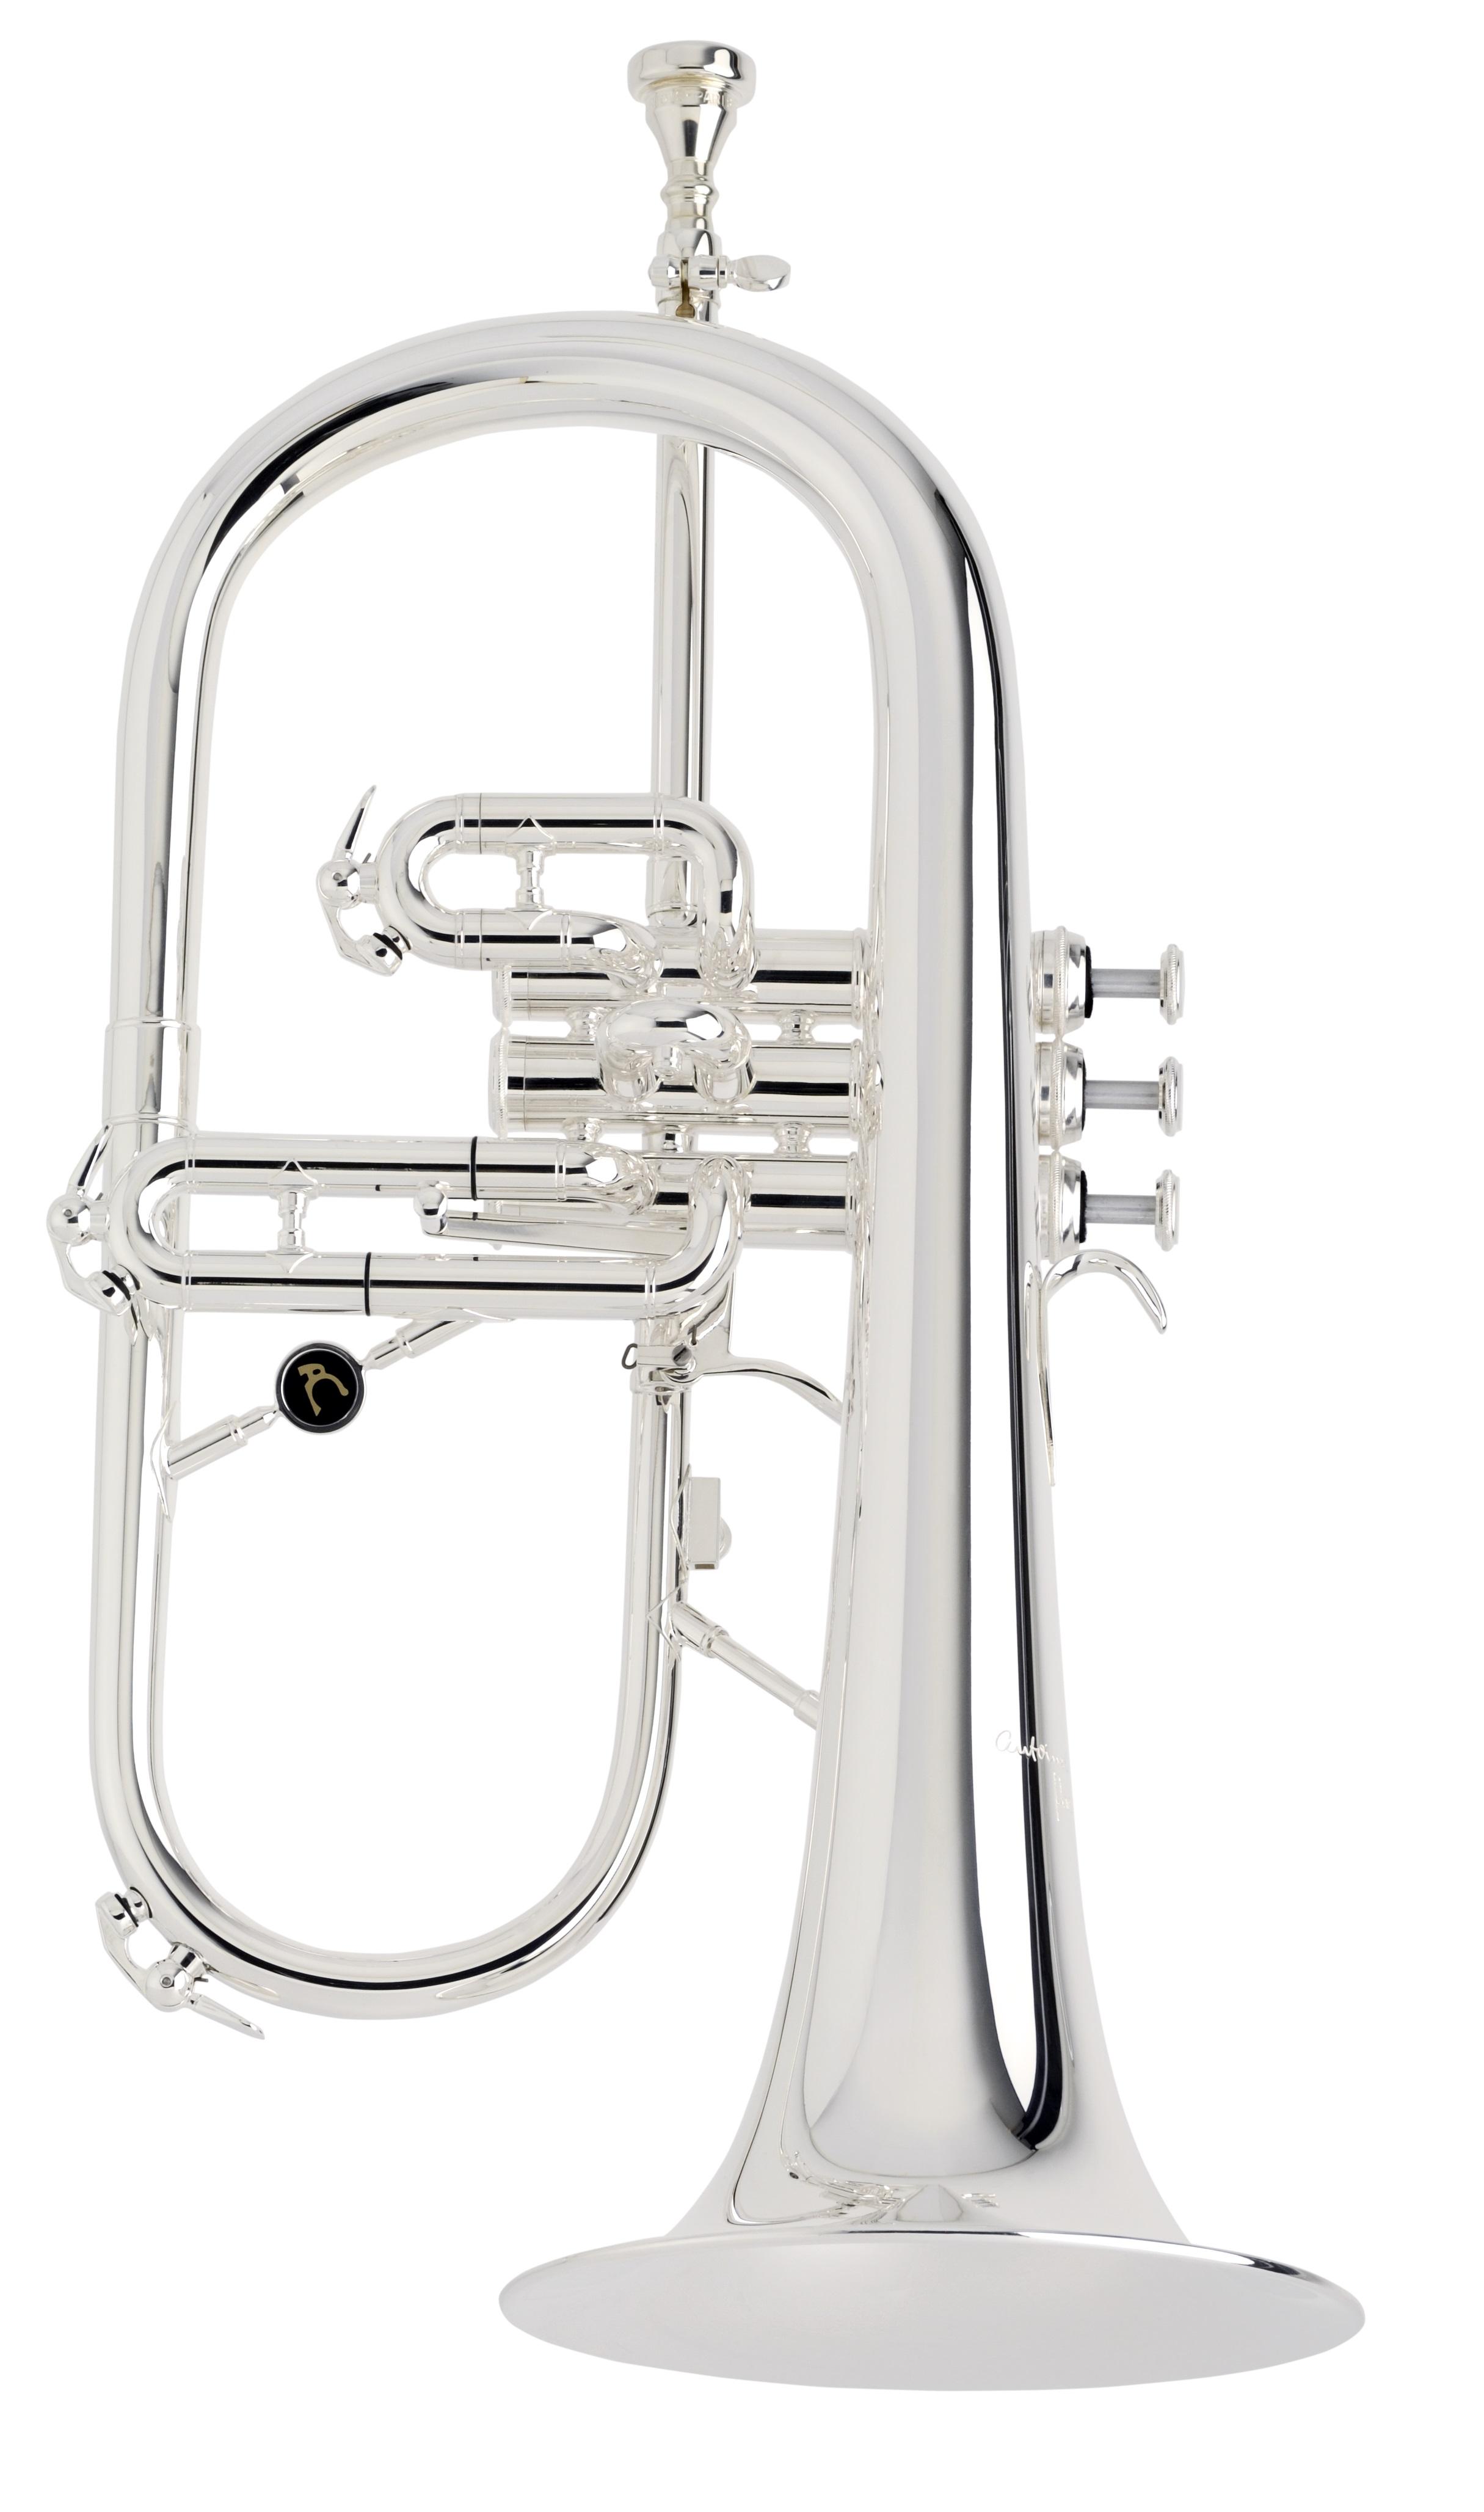 Courtois - AC - 154 - 2 - 0 - Blechblasinstrumente - Flügelhörner | MUSIK BERTRAM Deutschland Freiburg